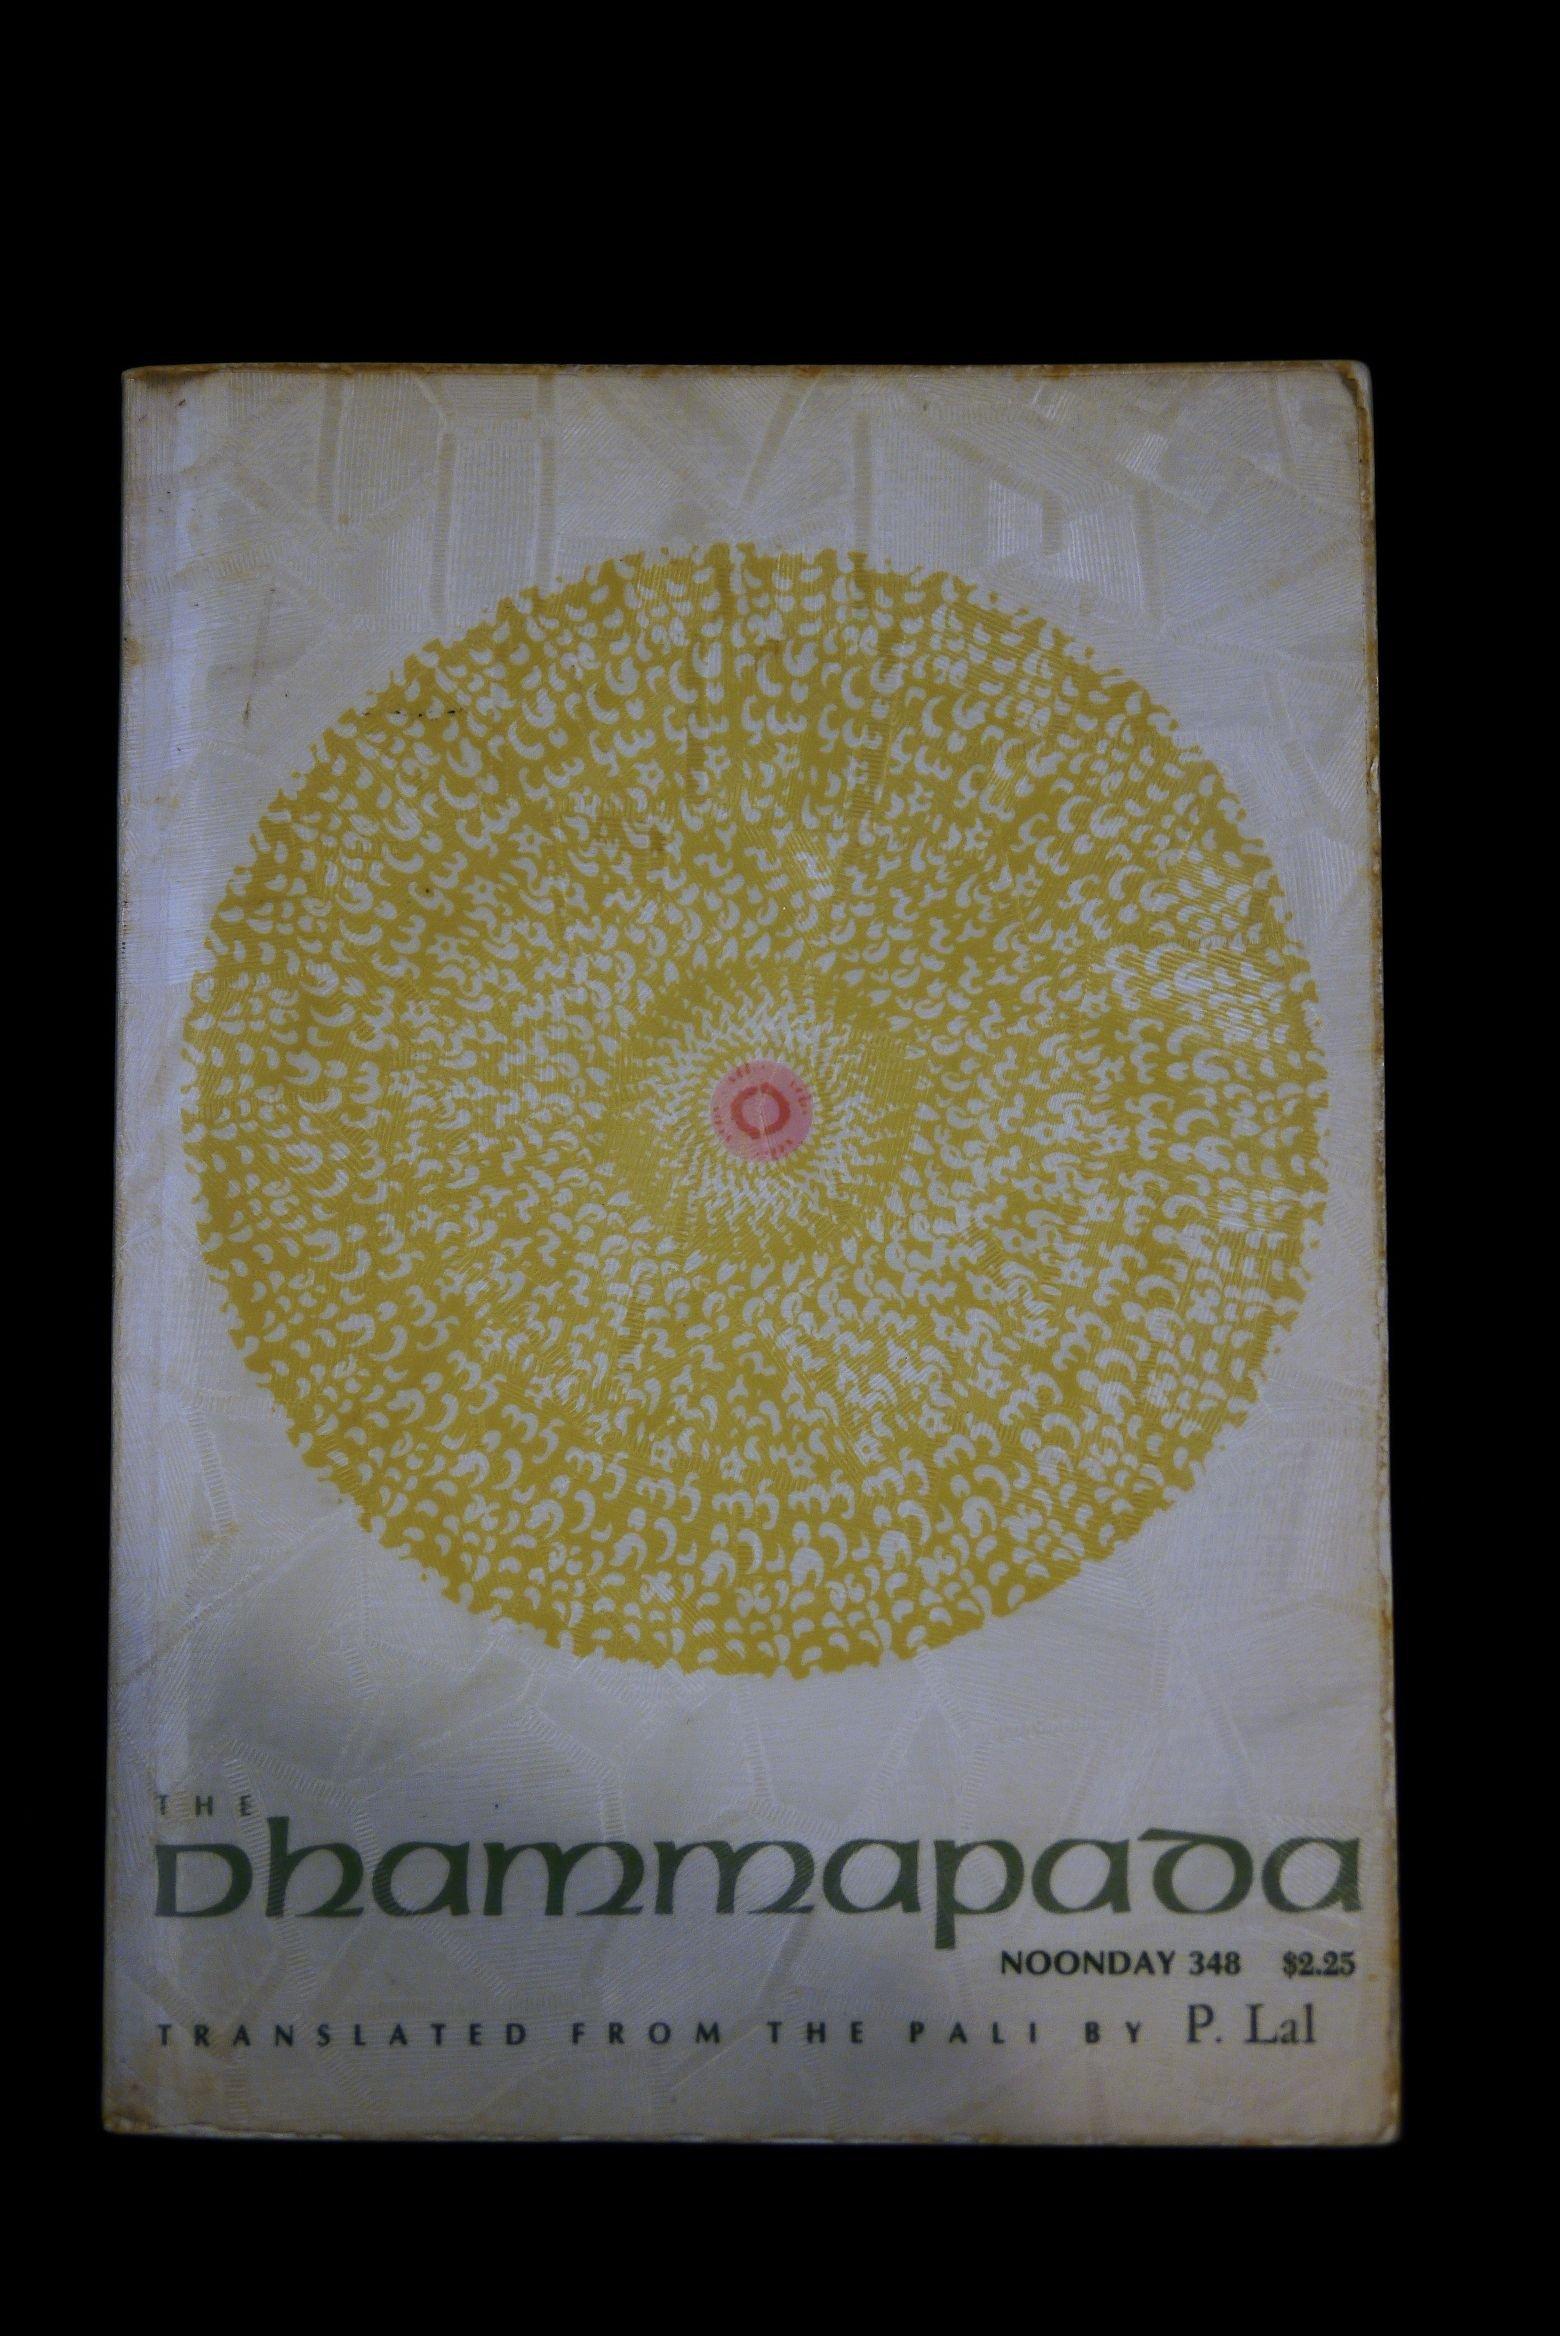 Dhammapada (Noonday, N348)